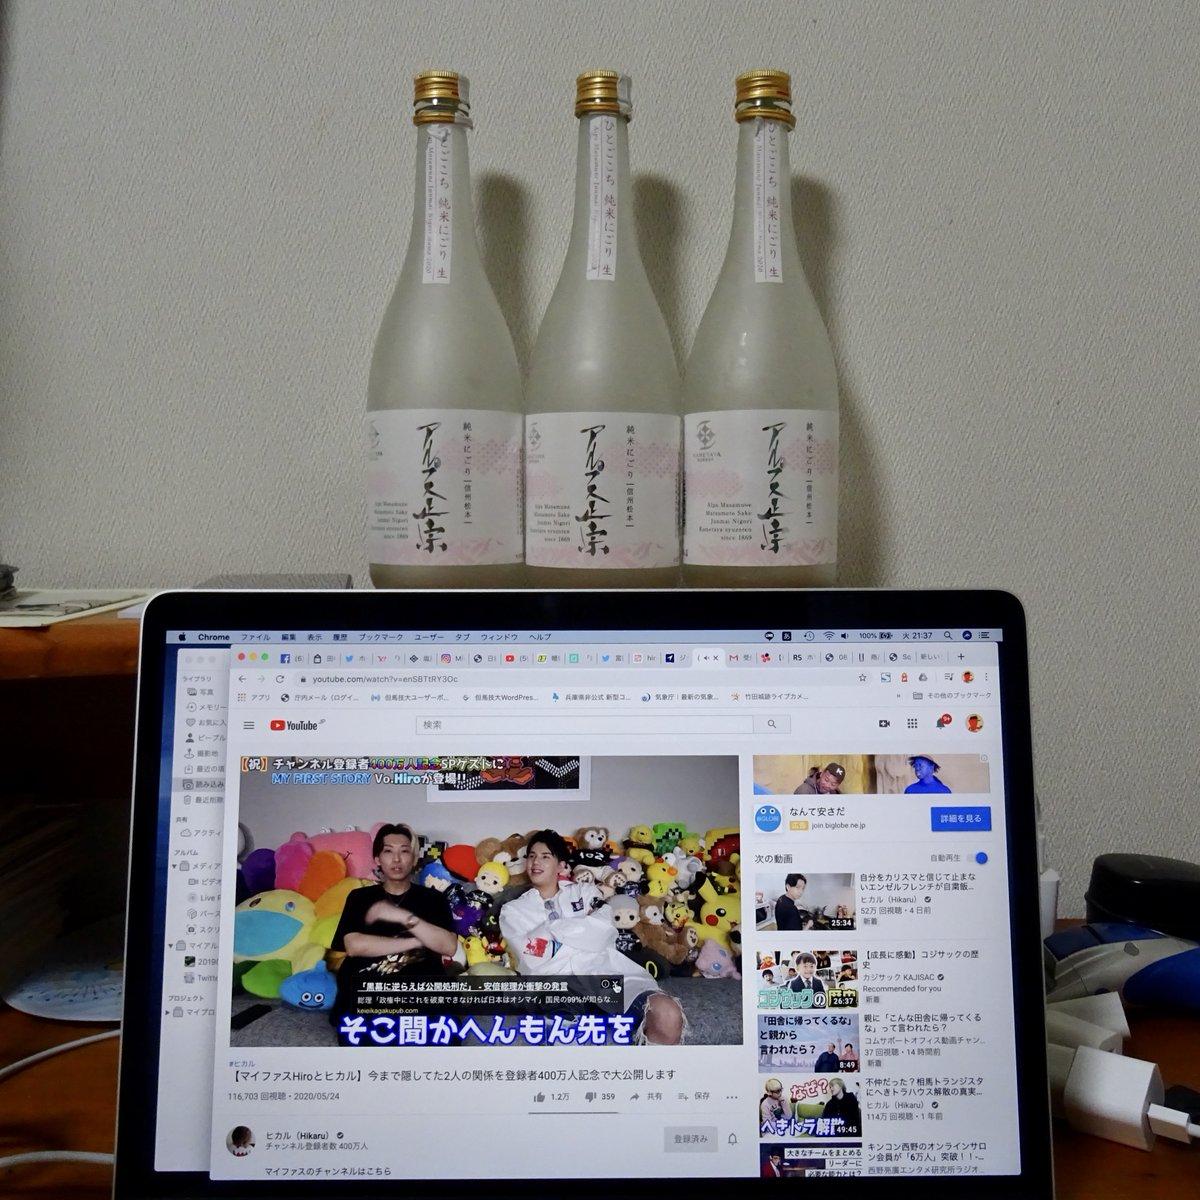 test ツイッターメディア - 【アルプス正宗】亀田屋酒造店@松本観光( @kametaya )さんの「アルプス正宗 純米にごり 生 720ml」を並べてみた。飲み始めたたら、必ず1本空きますね。手持ちが無くなったけど、どうしましょう?(笑) https://t.co/McPunVKykn